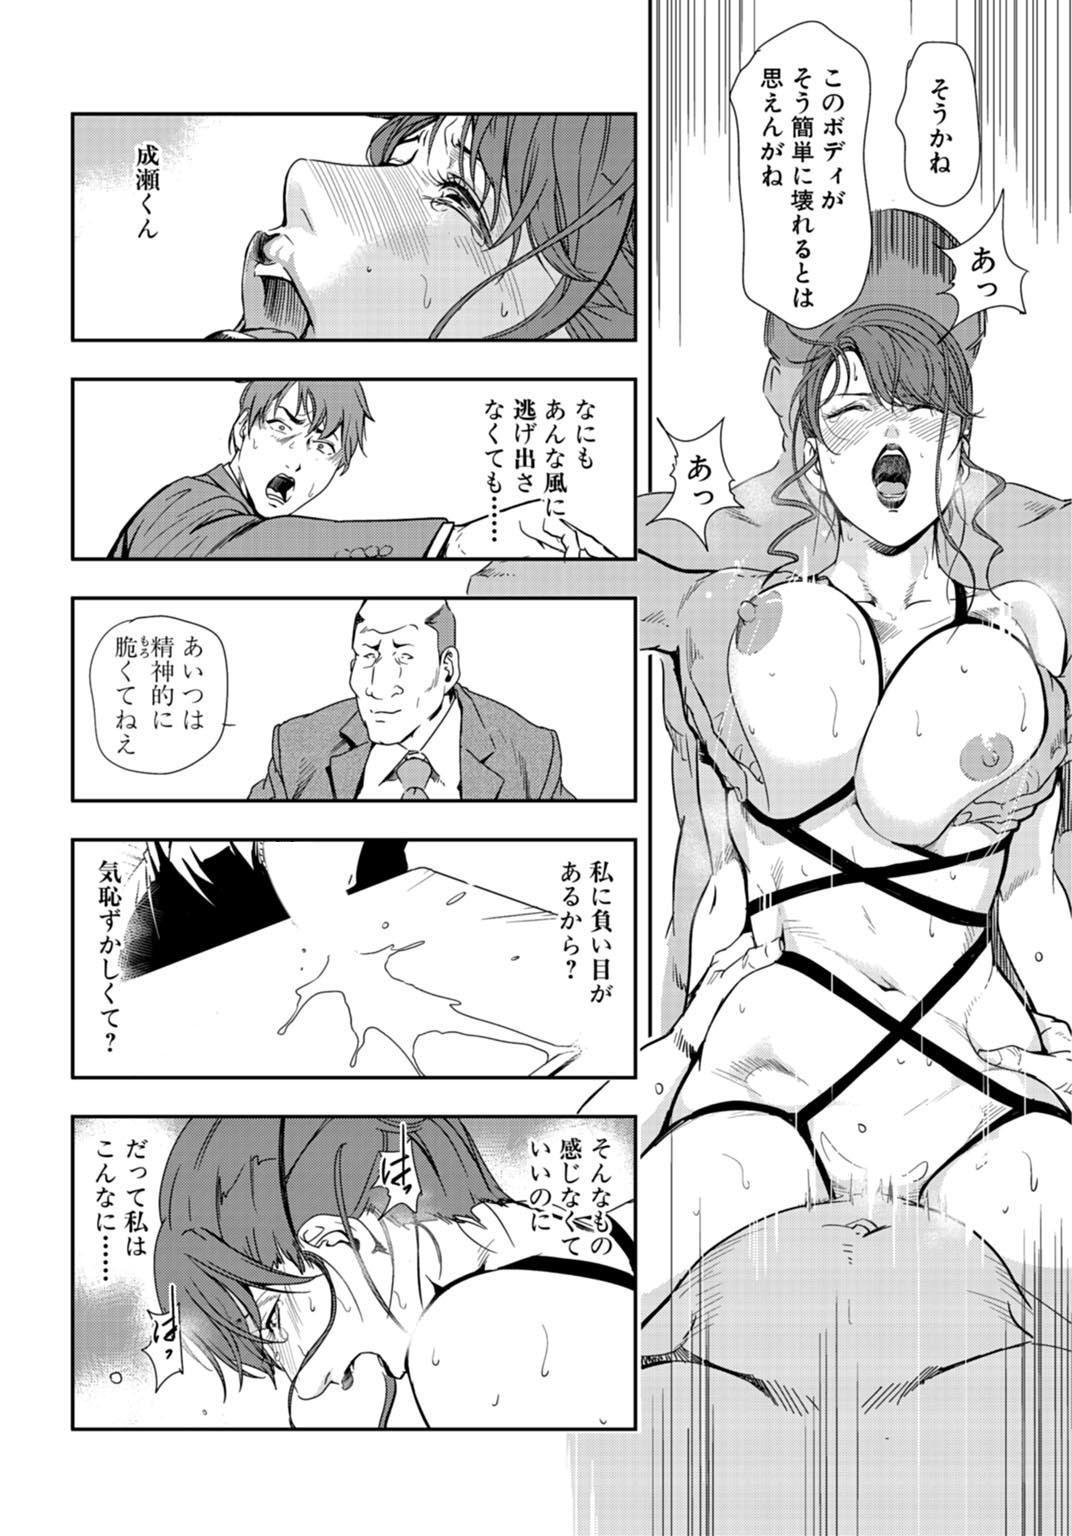 Nikuhisyo Yukiko 25 28